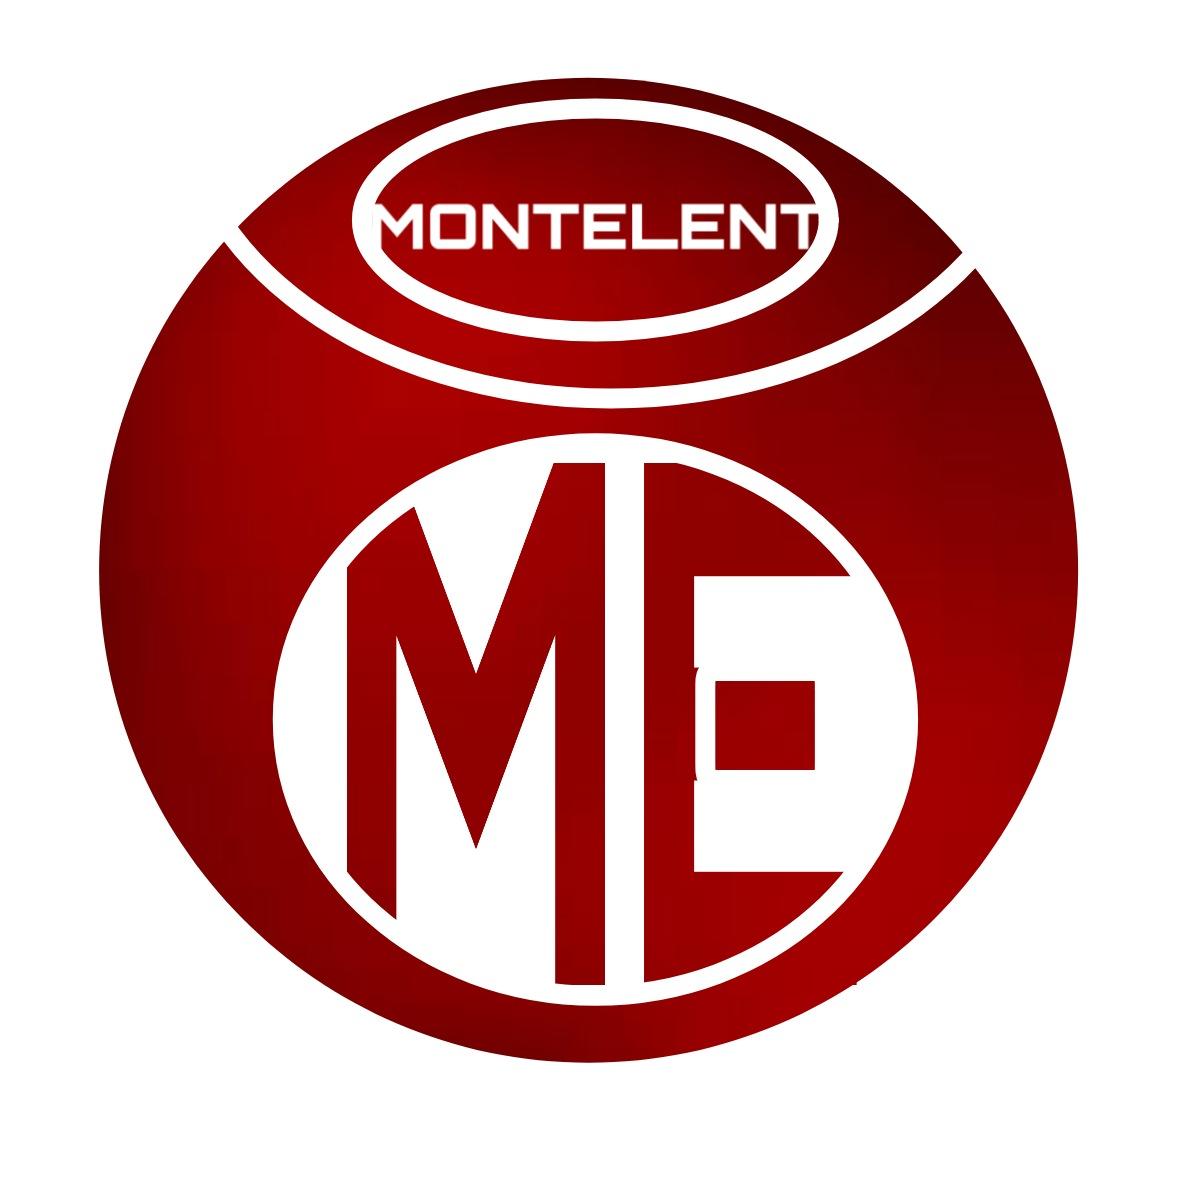 Montelent